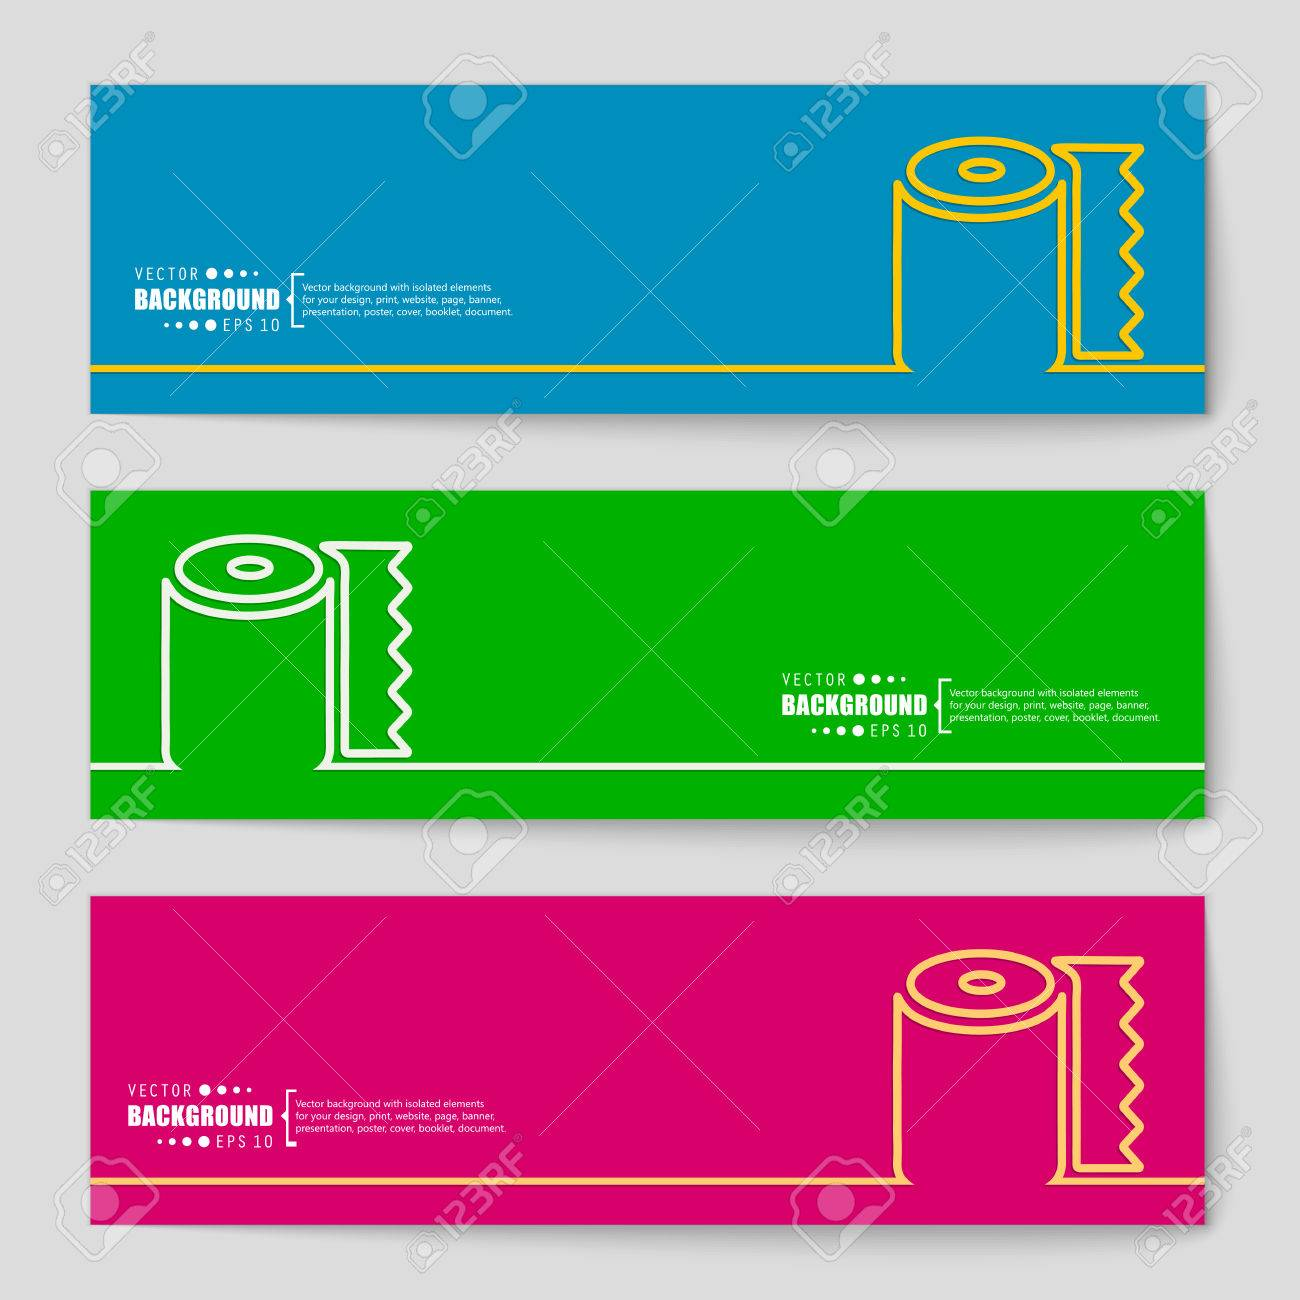 Zusammenfassung Kreative Konzept Vektor Hintergrund Für Web- Und ...